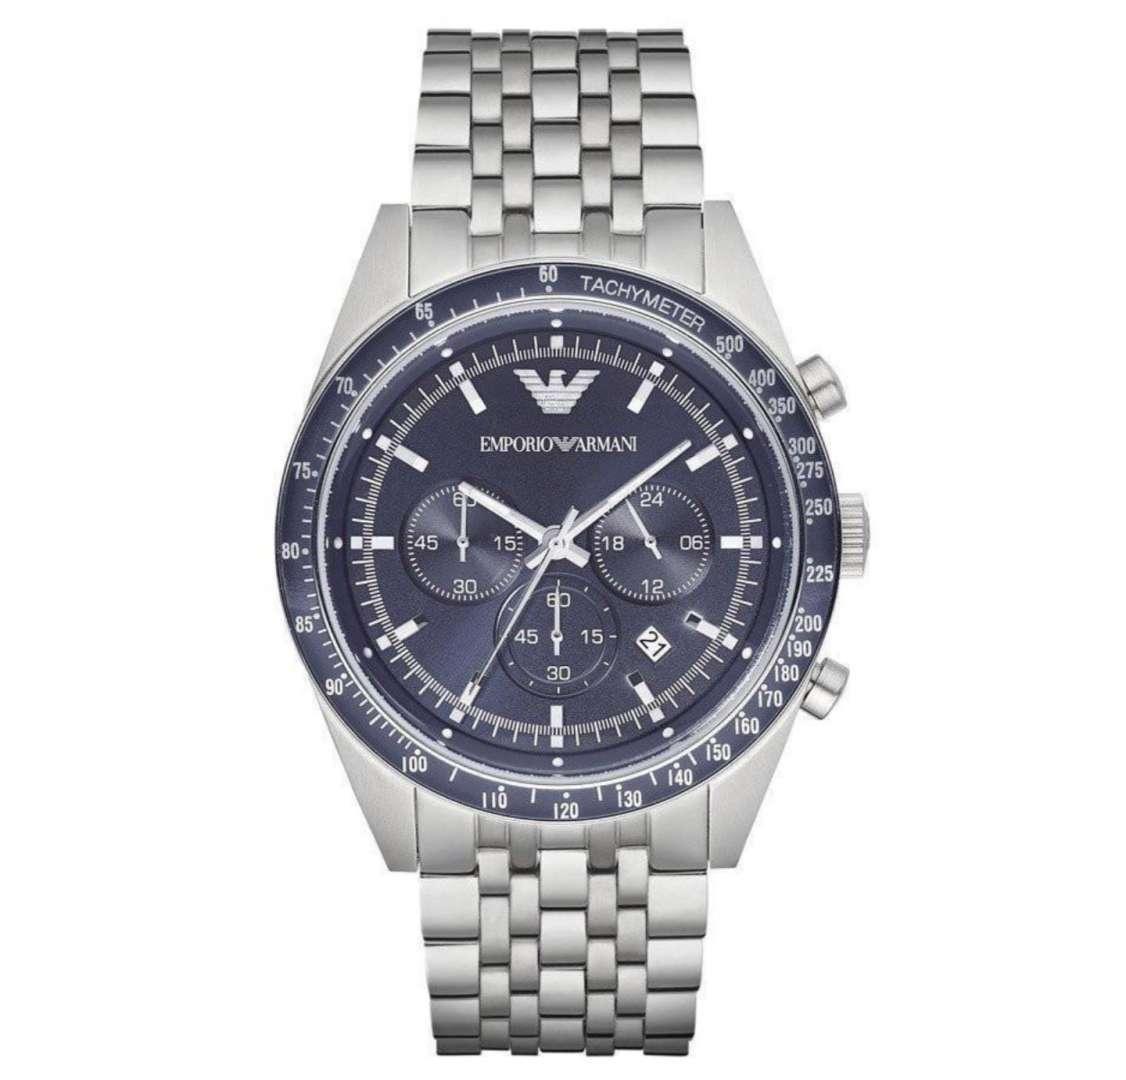 שעון יד אנלוגי לגבר emporio armani ar6072 אמפוריו ארמני